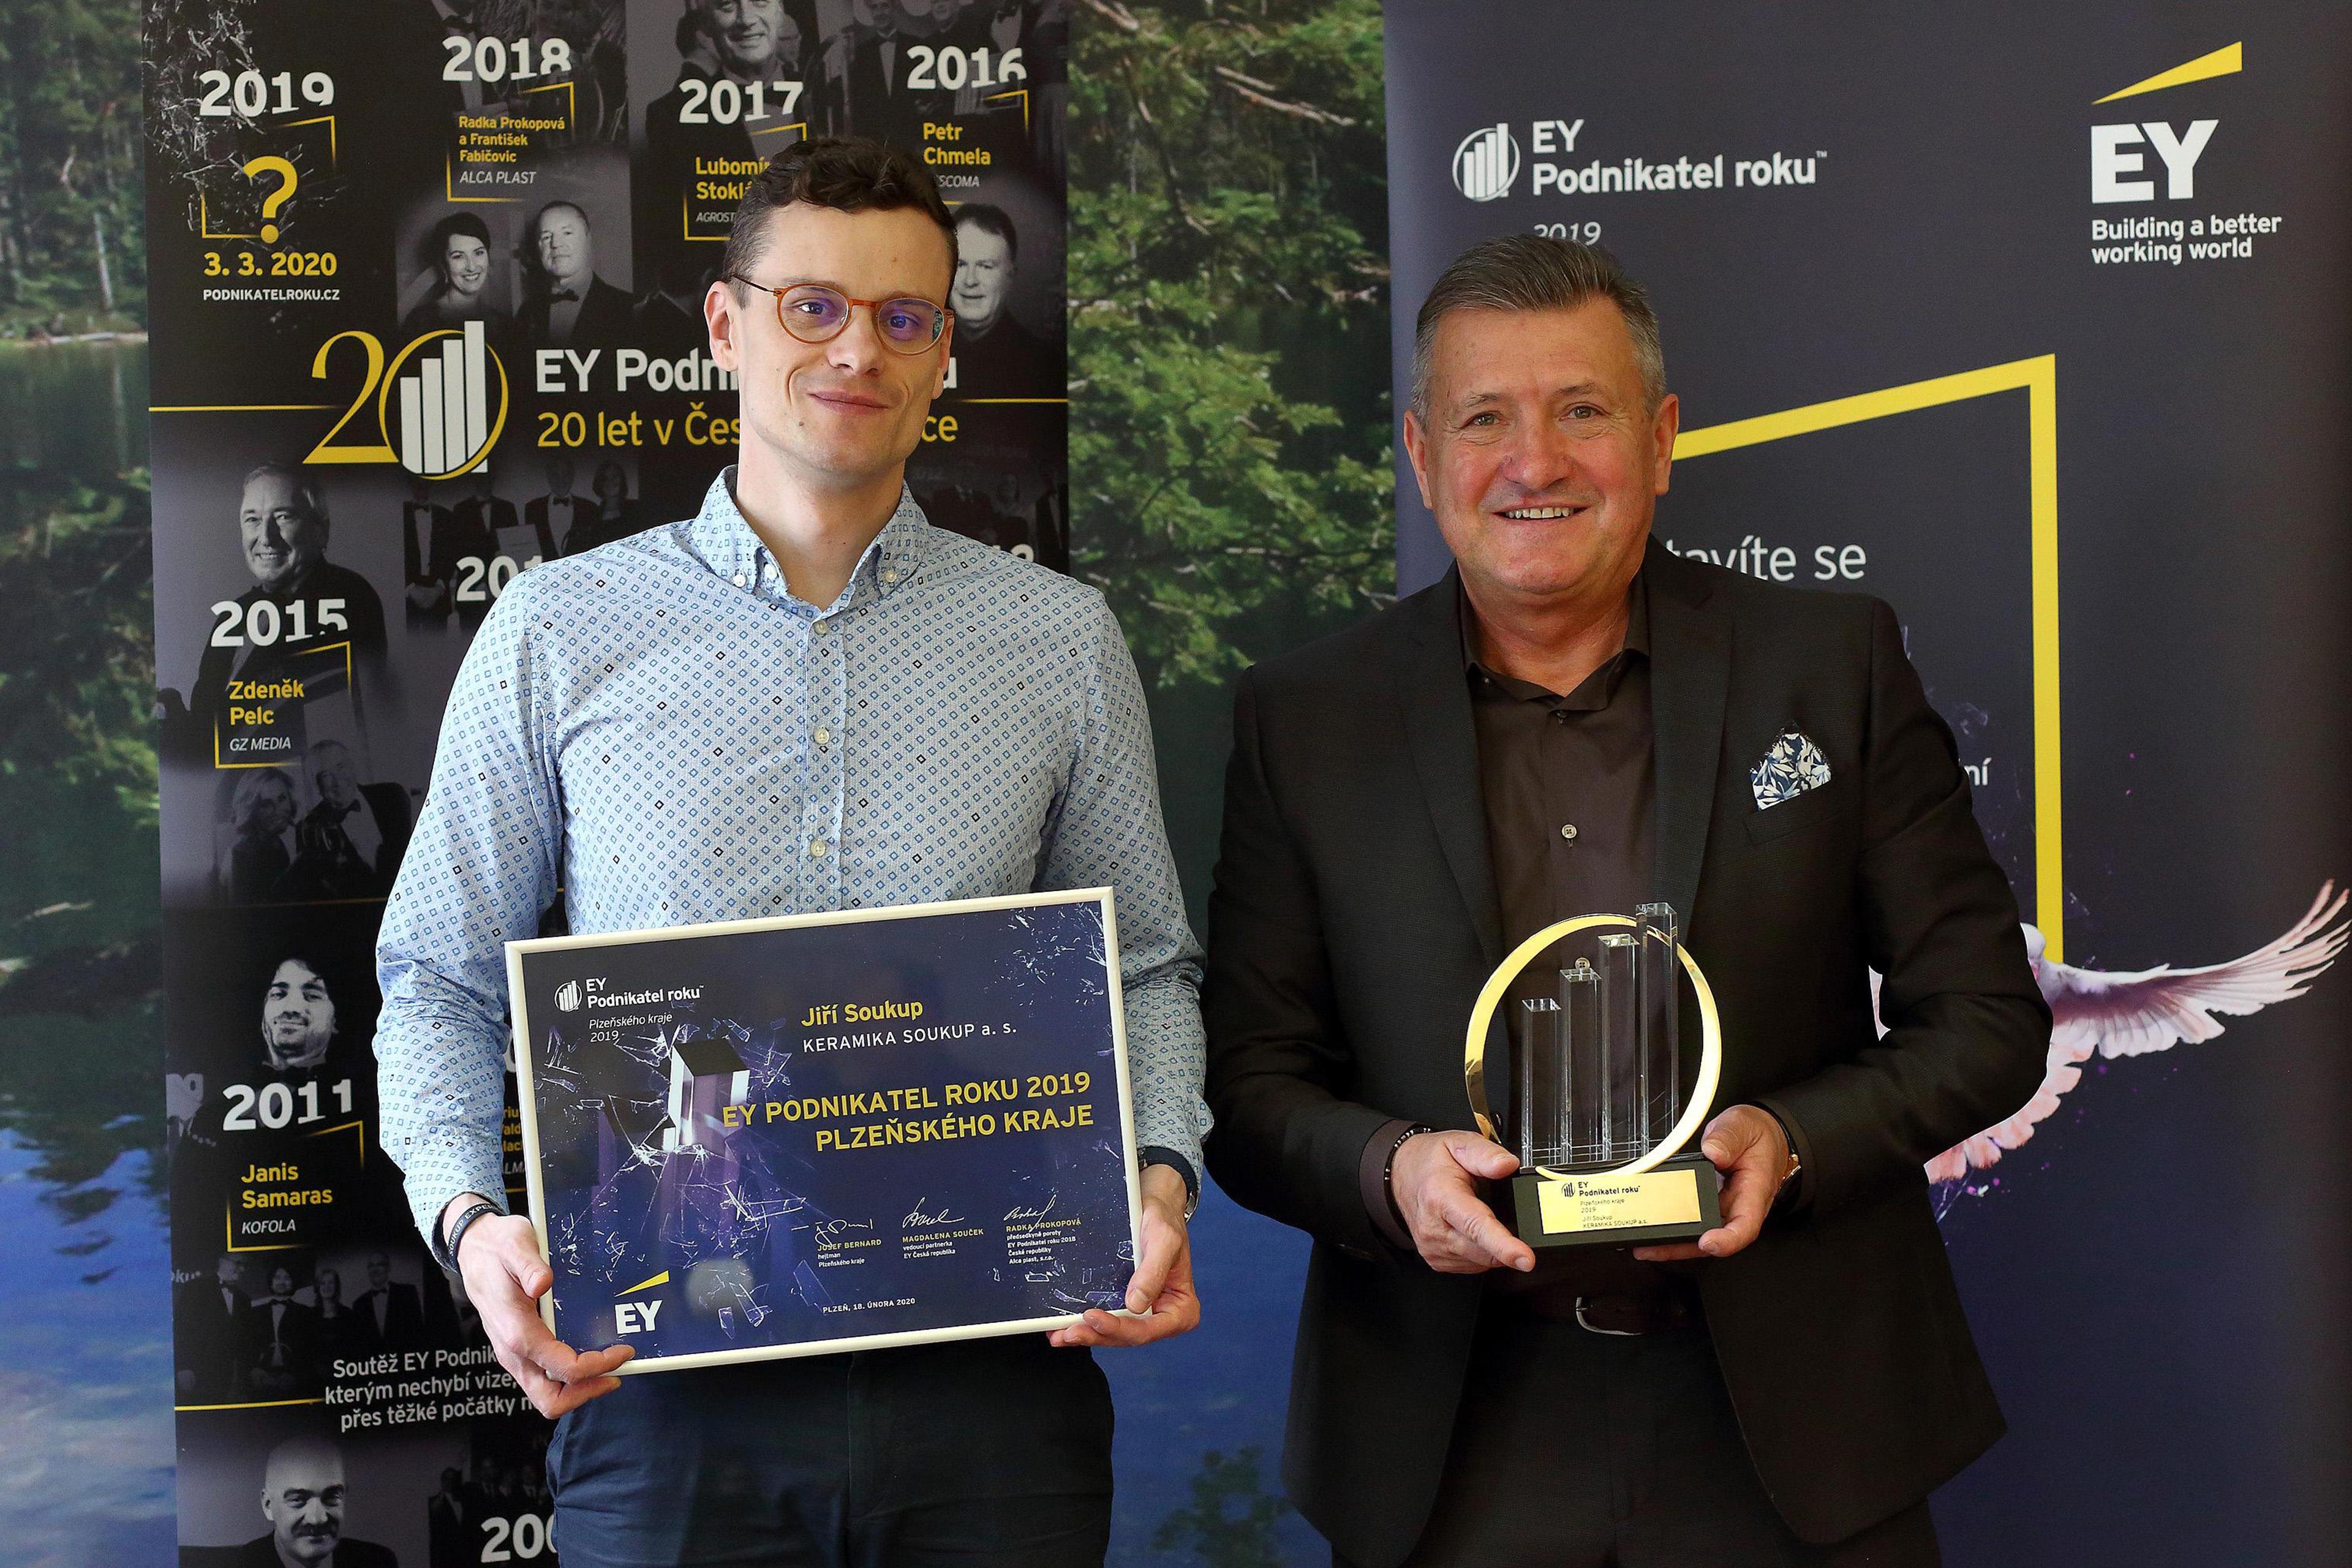 Zleva: Jiří Soukup mladší a Jiří Soukup (KERAMIKA SOUKUP, EY Podnikatel roku 2019 Plzeňského kraje)